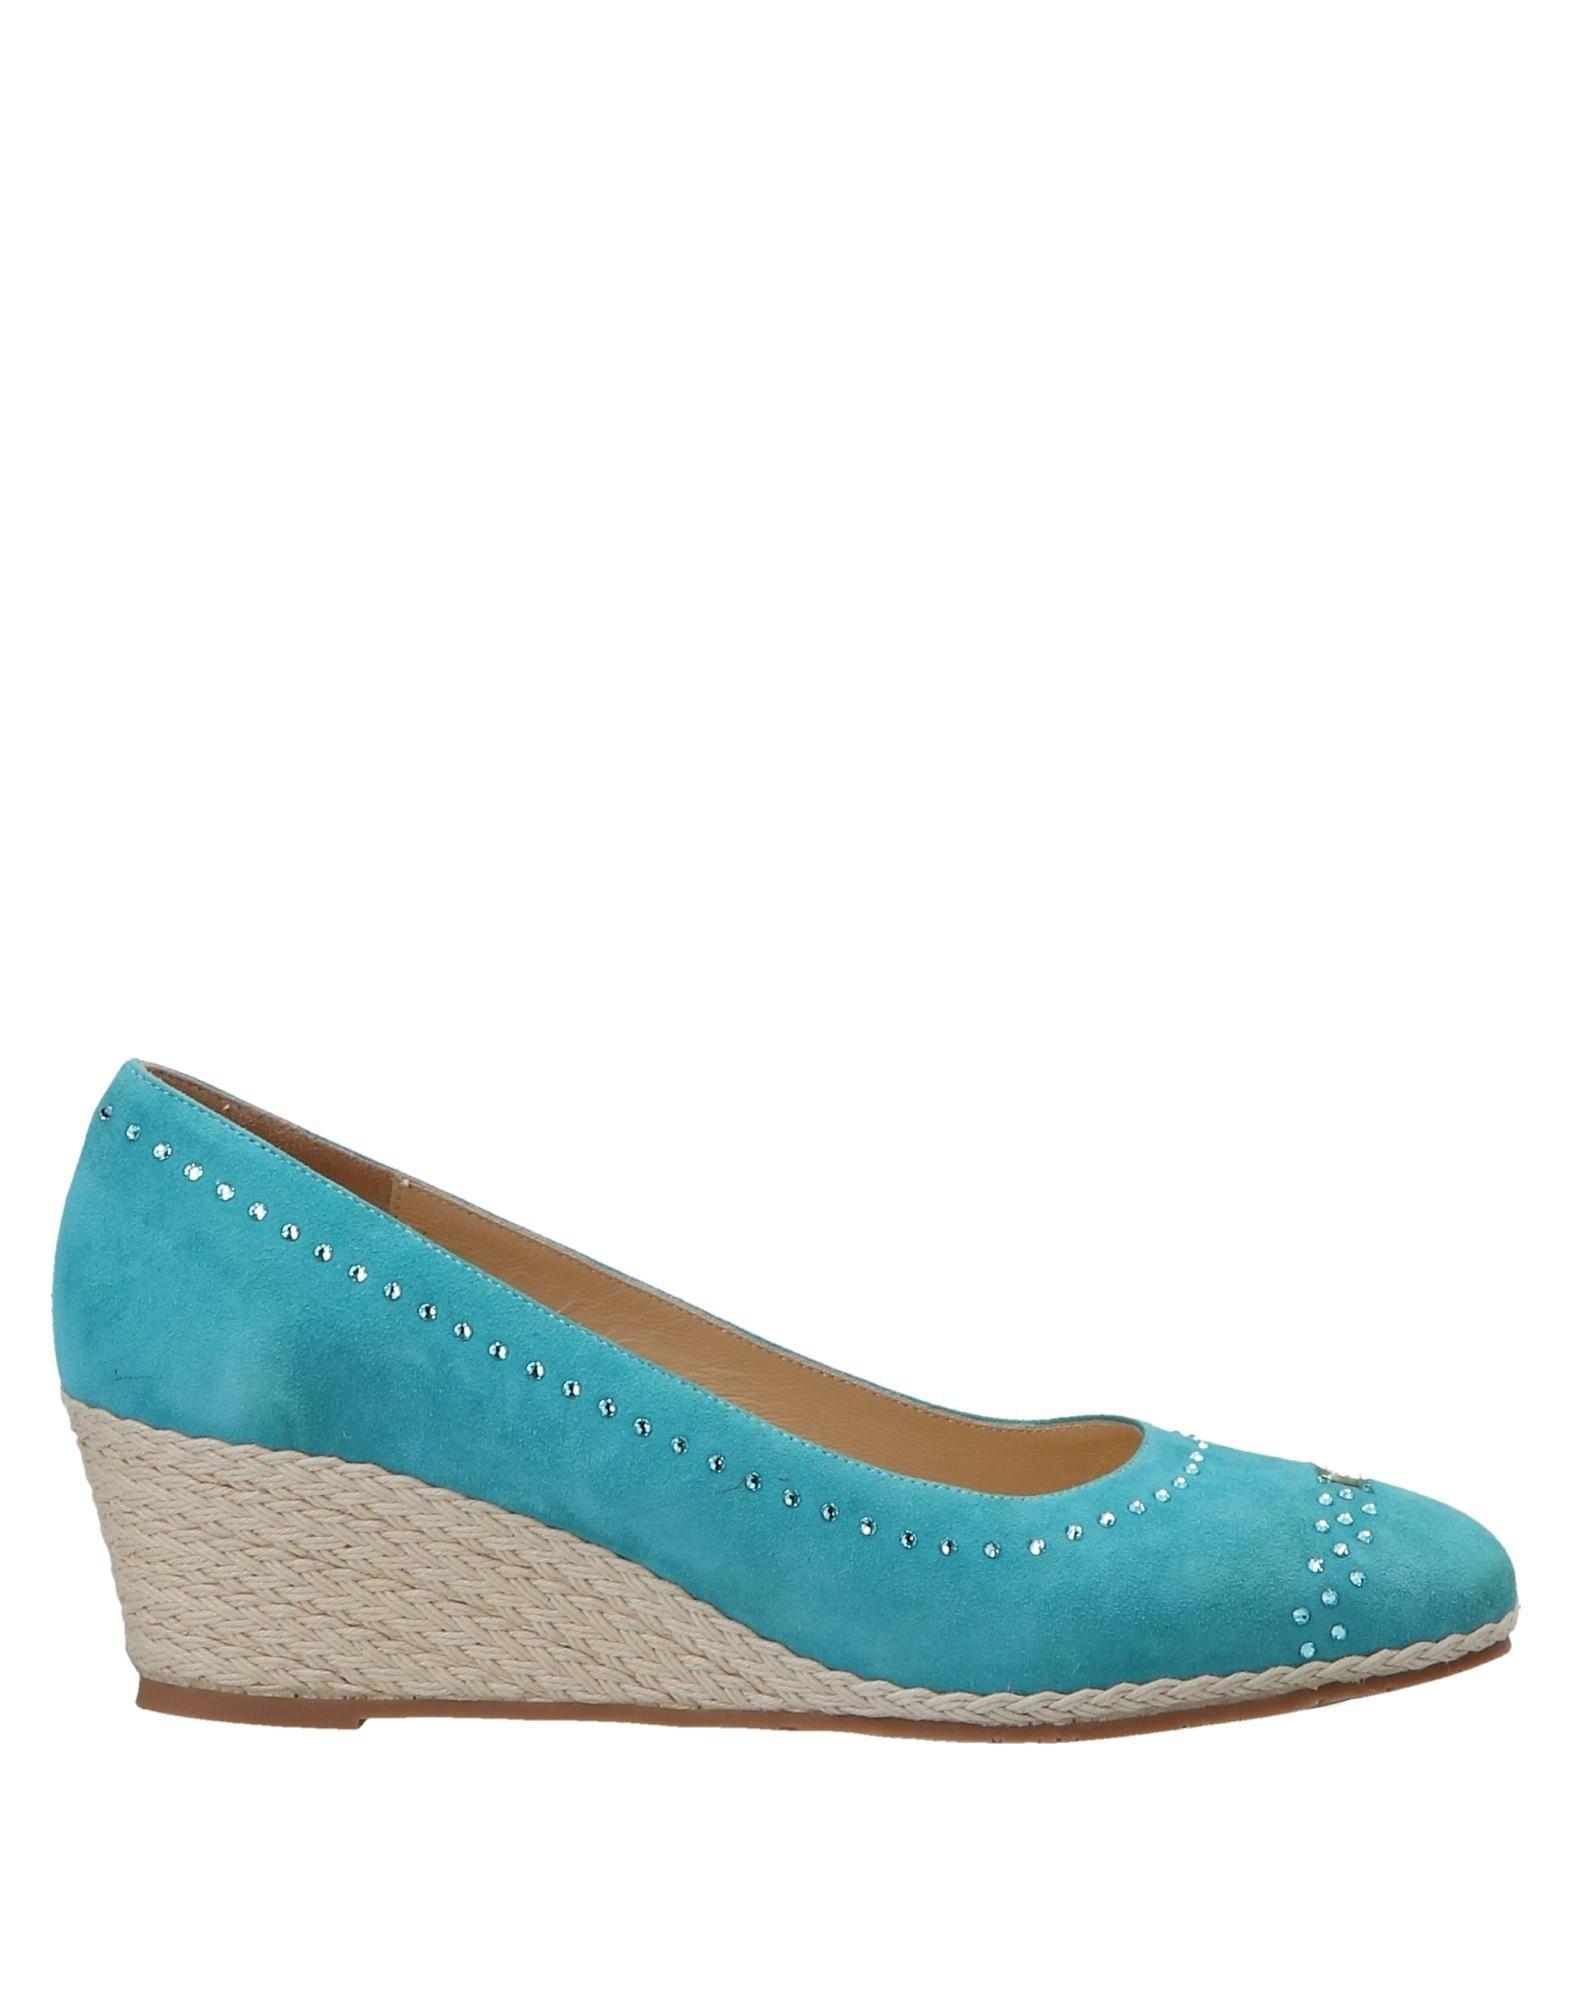 Rabatt Schuhe A.Testoni Espadrilles Damen  11074426UI